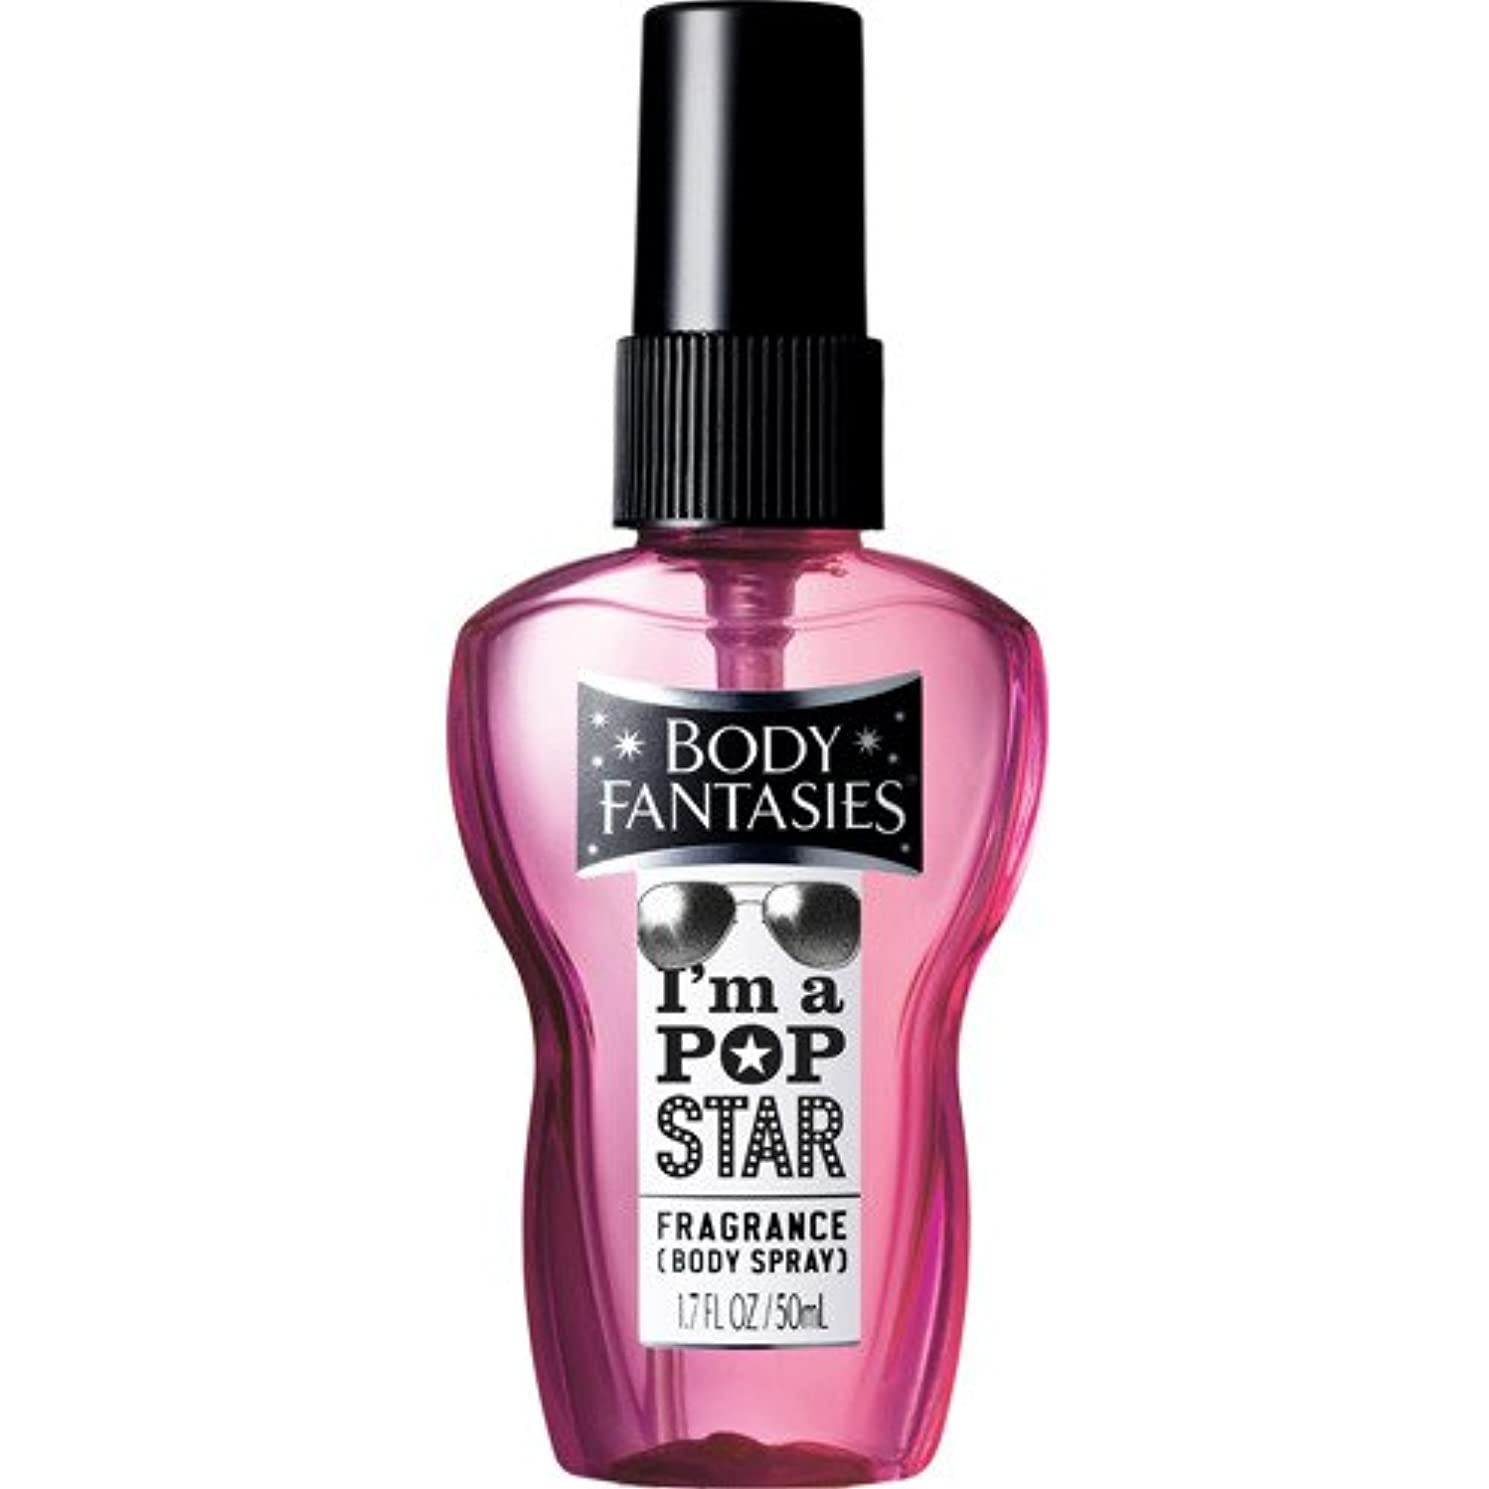 粘土年曲線ボディファンタジー ボディスプレー I'M A POP STAR 50ml